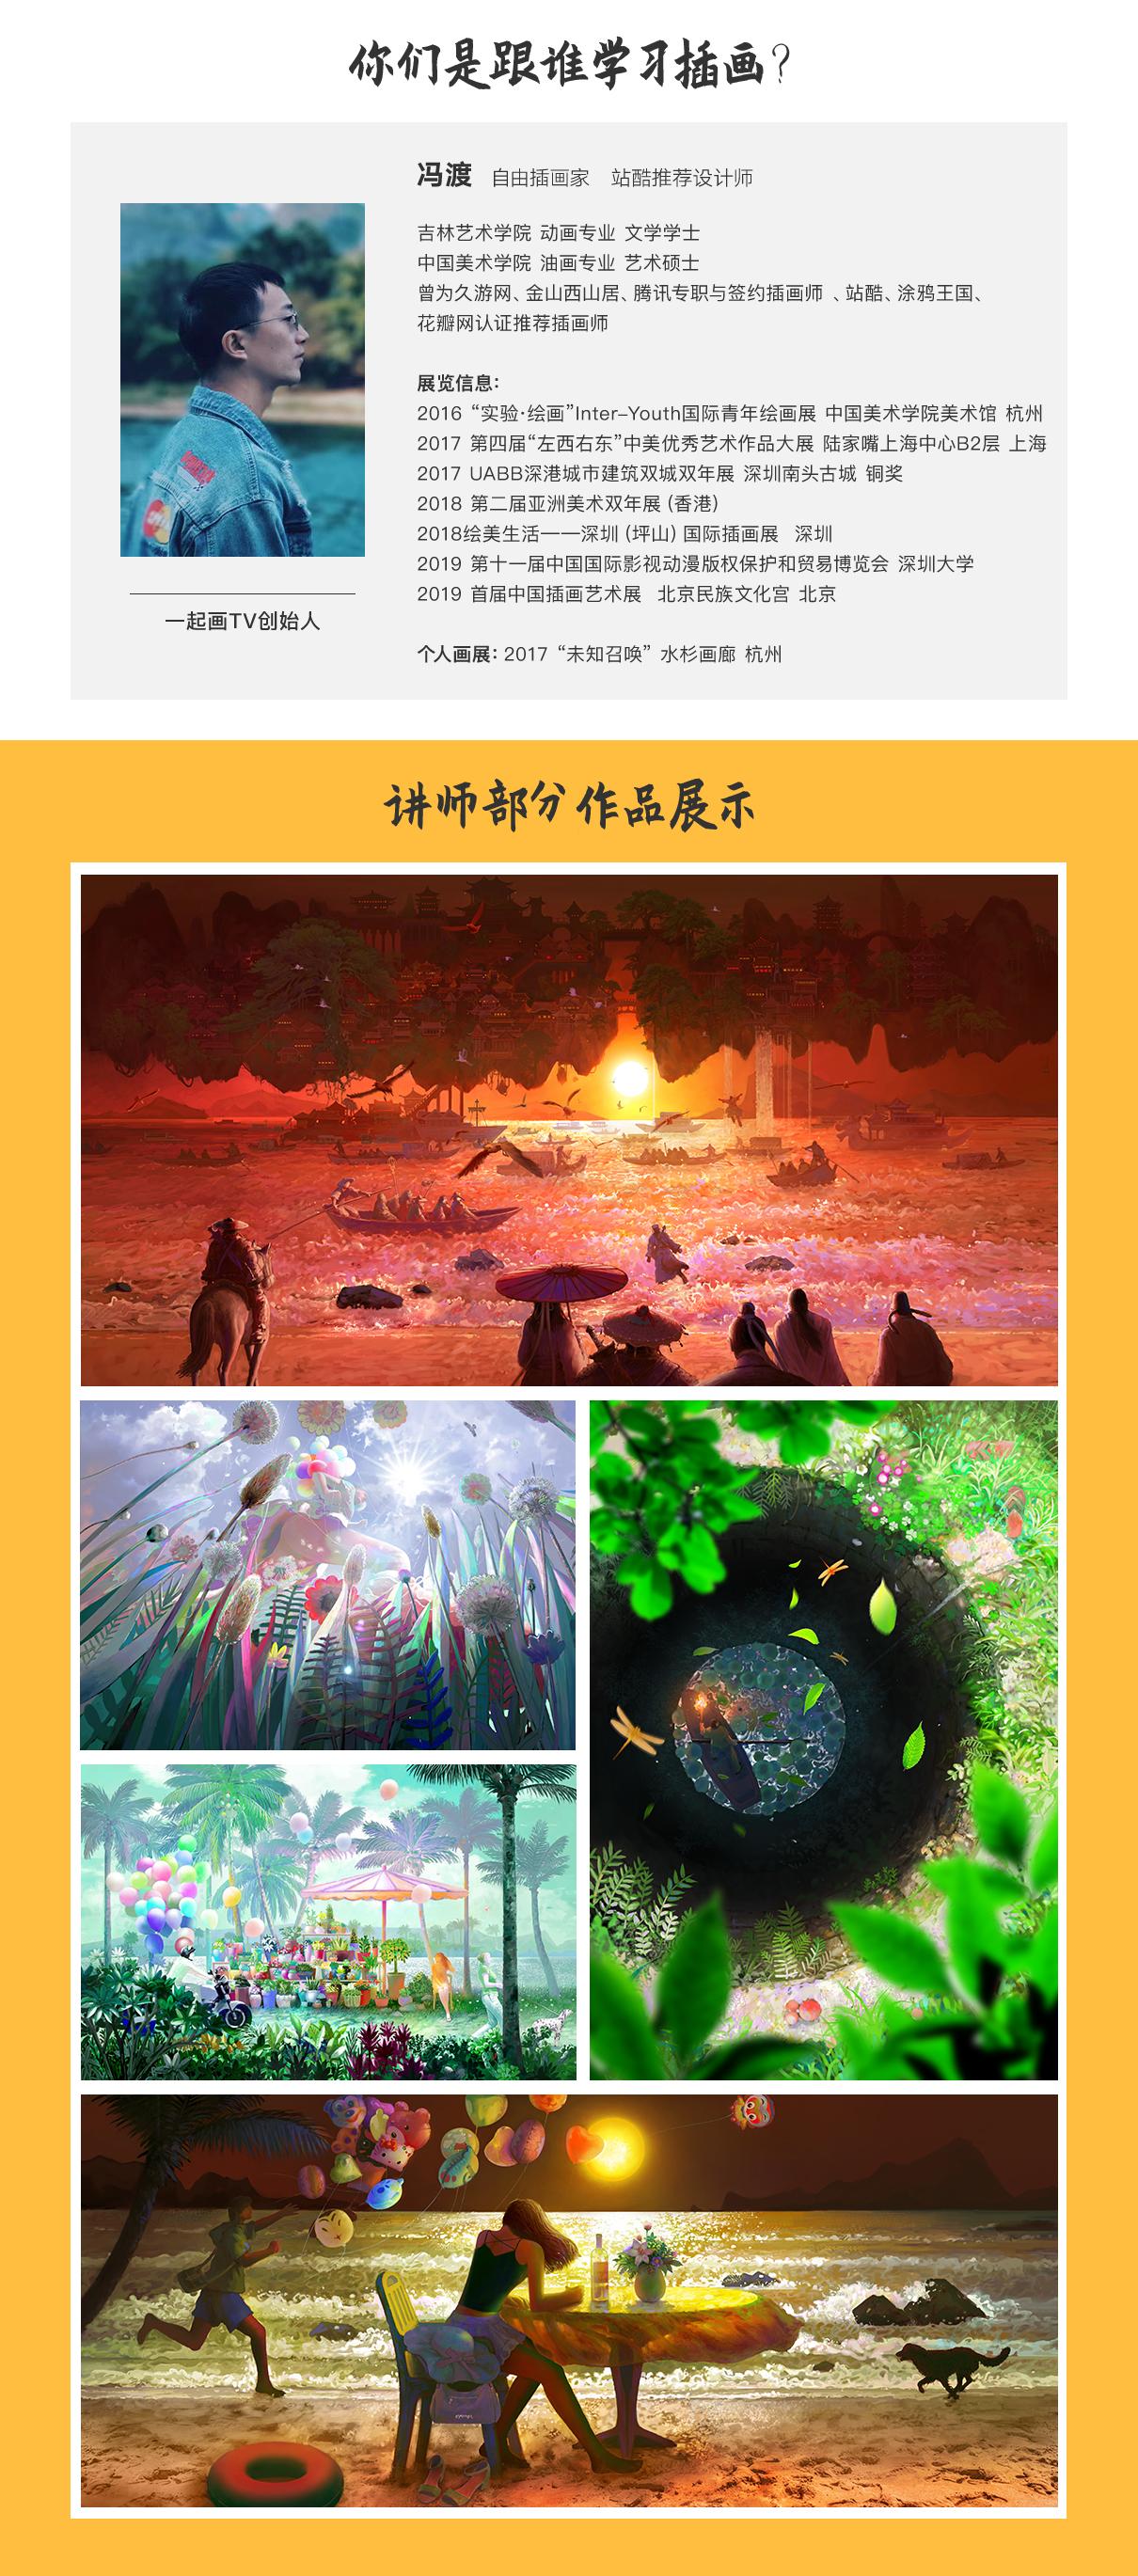 【要上線】CG新銳大神黃惠峰—女武神美型角色訓練營【直播答疑】簡介